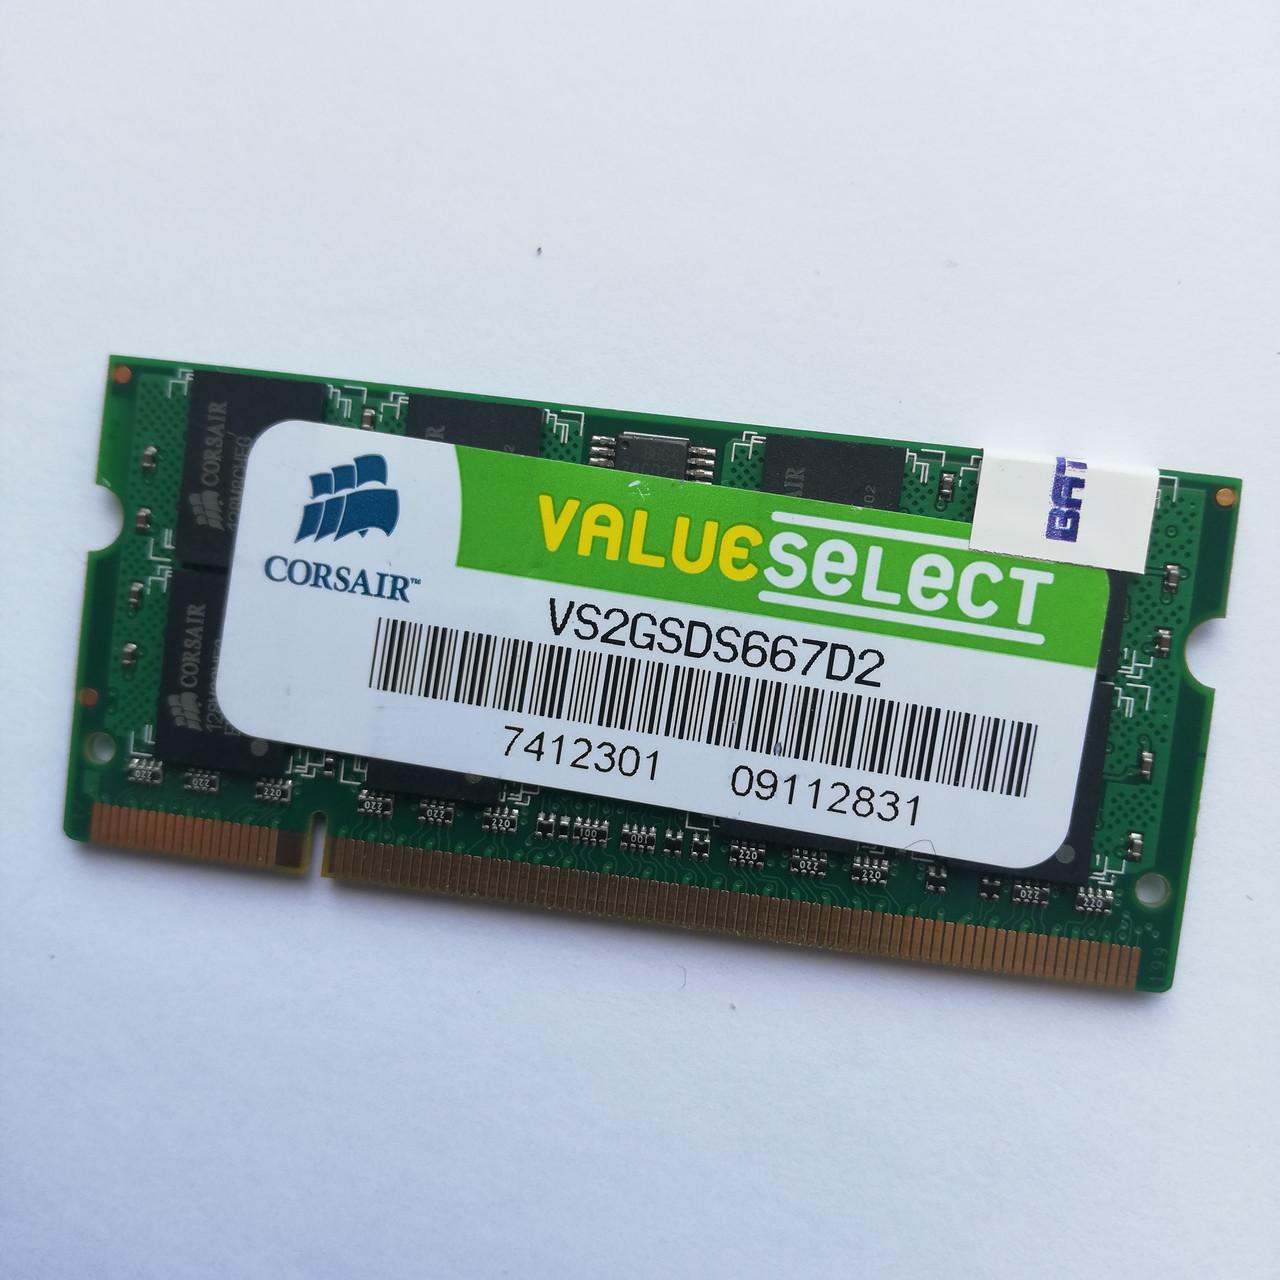 Оперативная память для ноутбука Corsair SODIMM DDR2 2Gb 667MHz 5300S CL5 (VS2GSDS667D2) Б/У